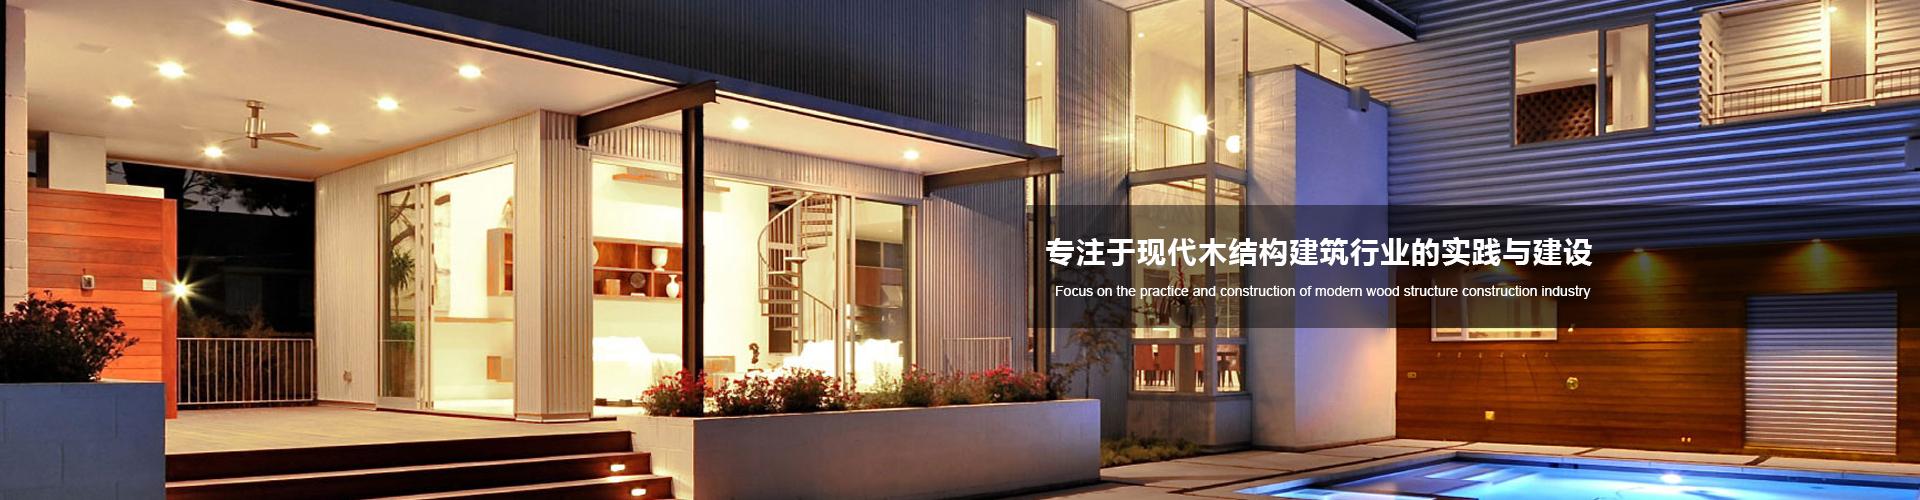 南通佳築建築科技有限公司